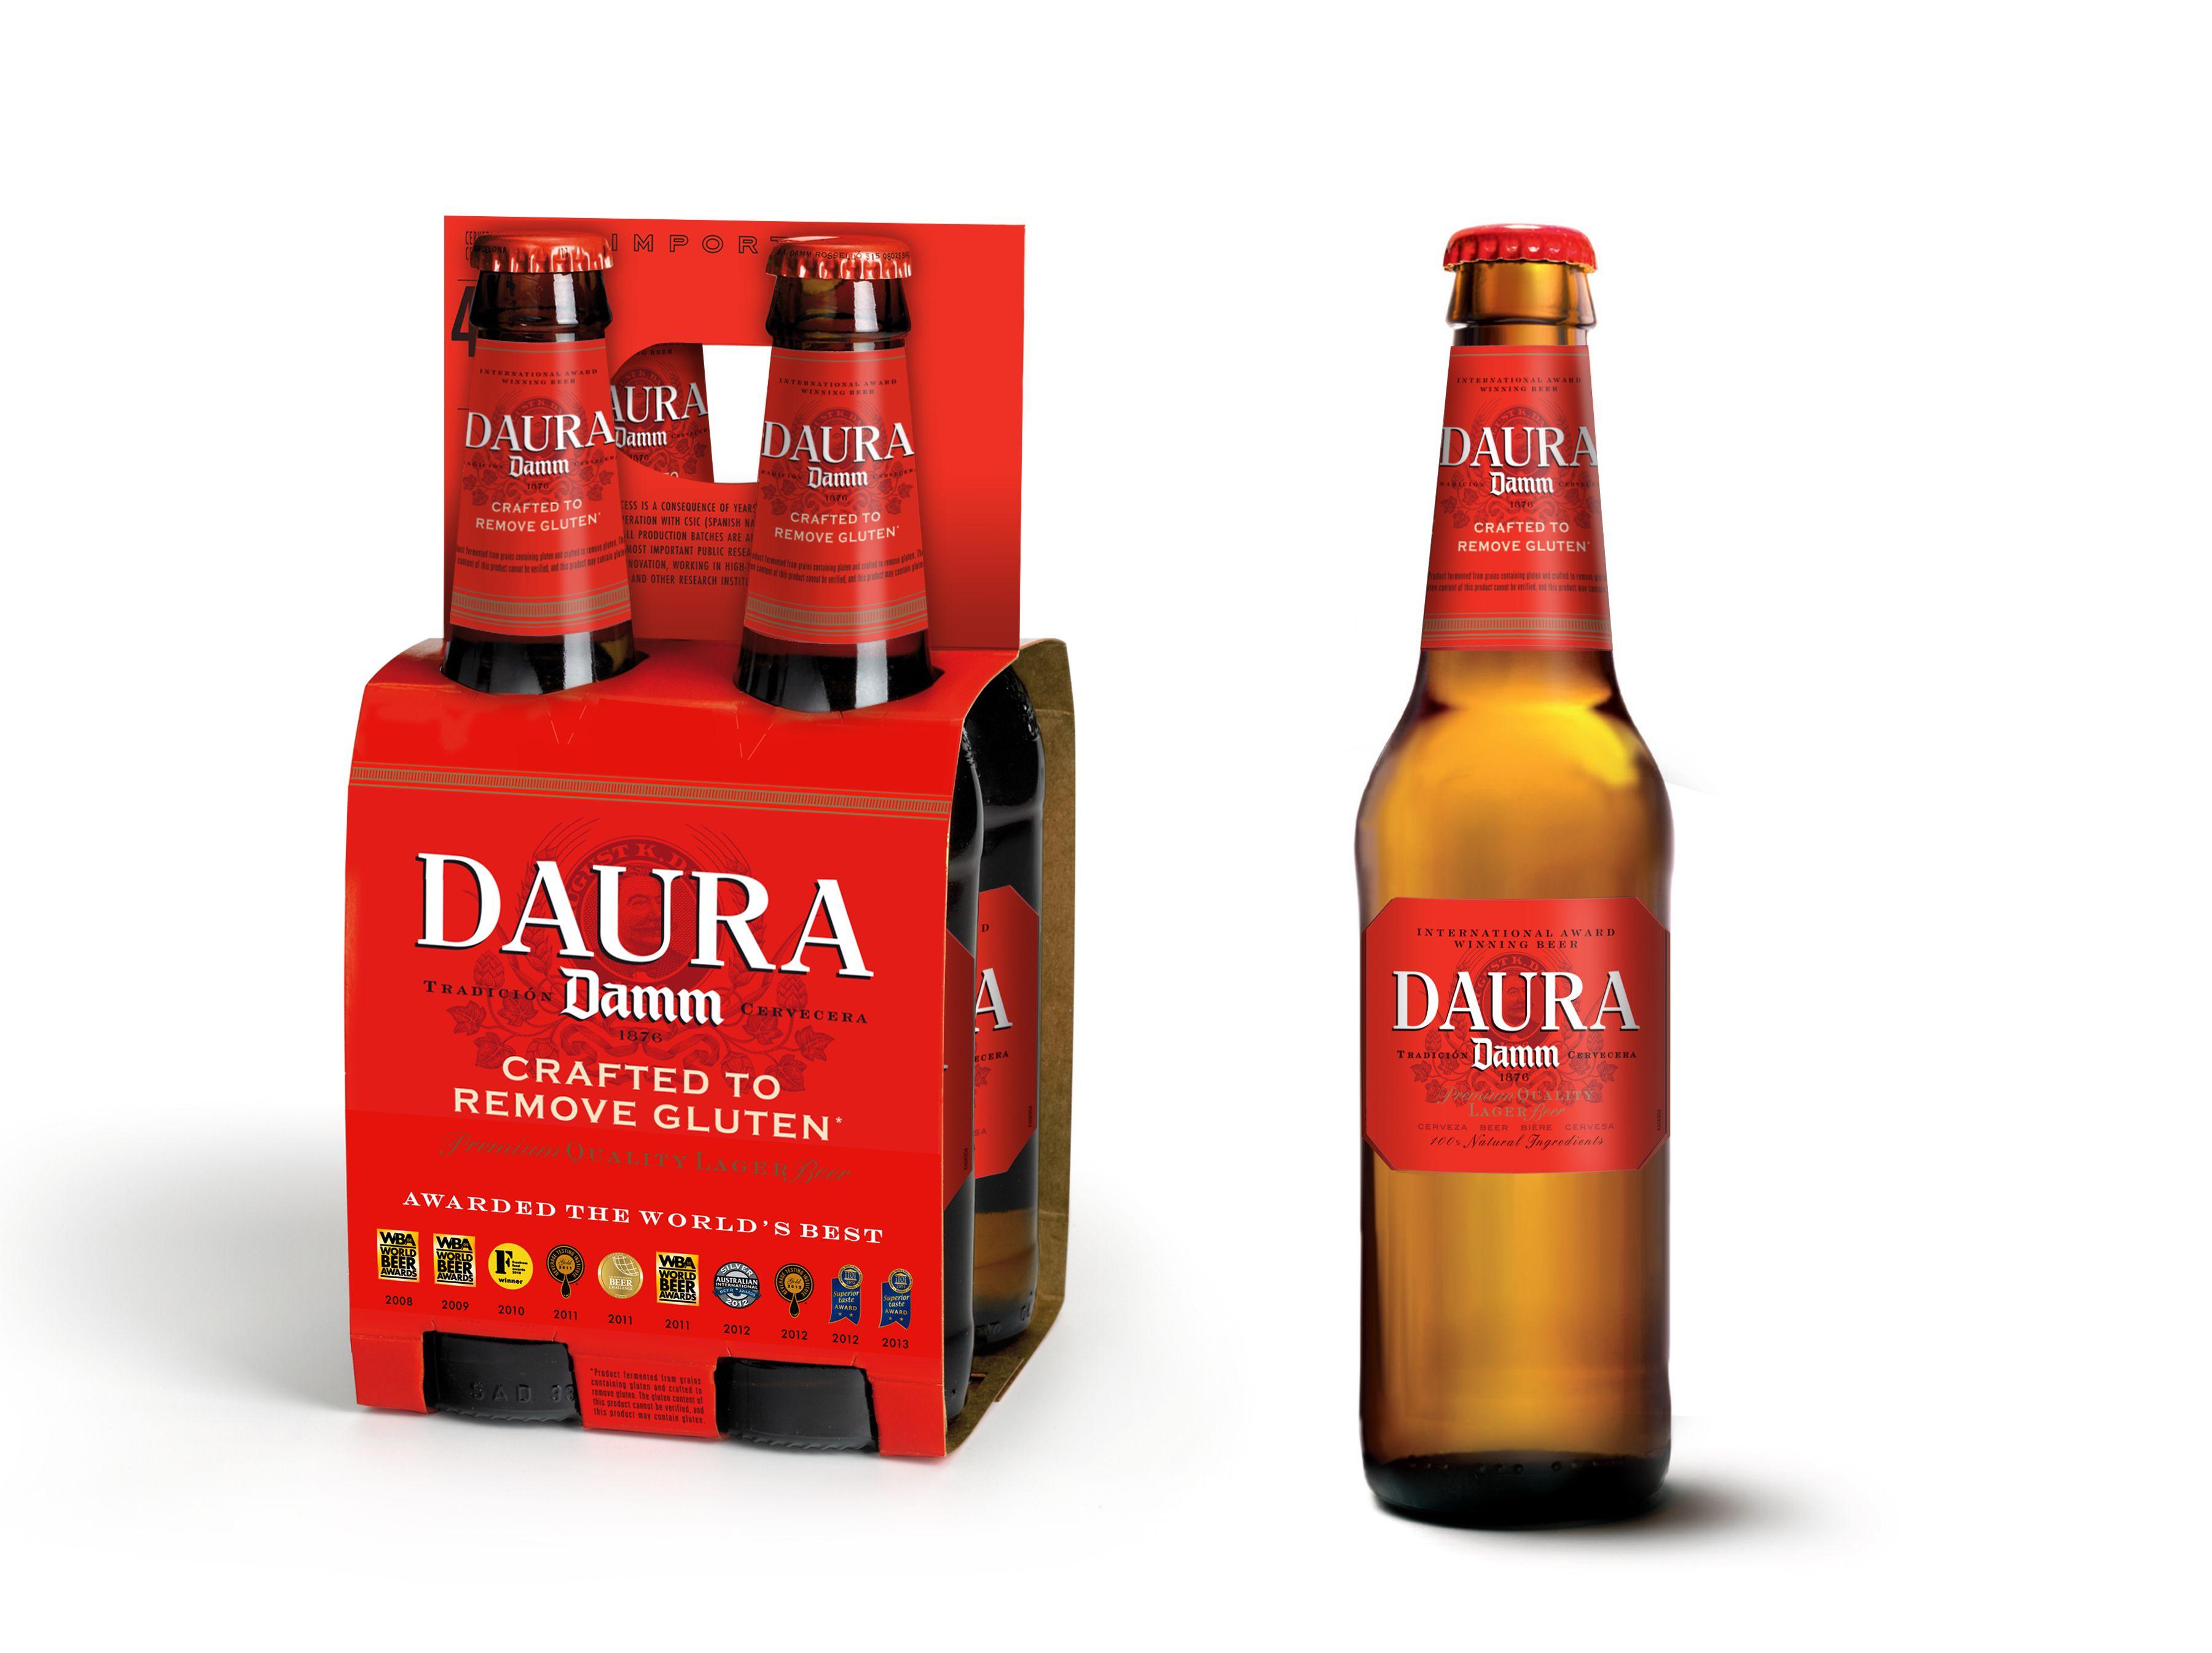 Daura Gluten Free Beer Triumph Dining Triumph Dining Gluten Free Beer Beer Gluten Free Restaurants